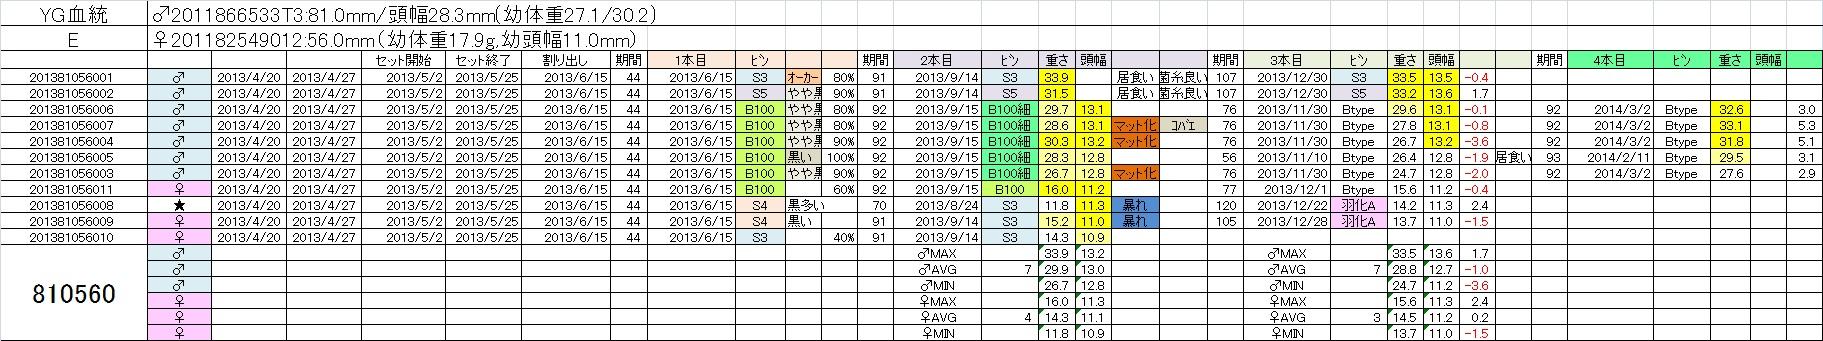 2013810560 4本目